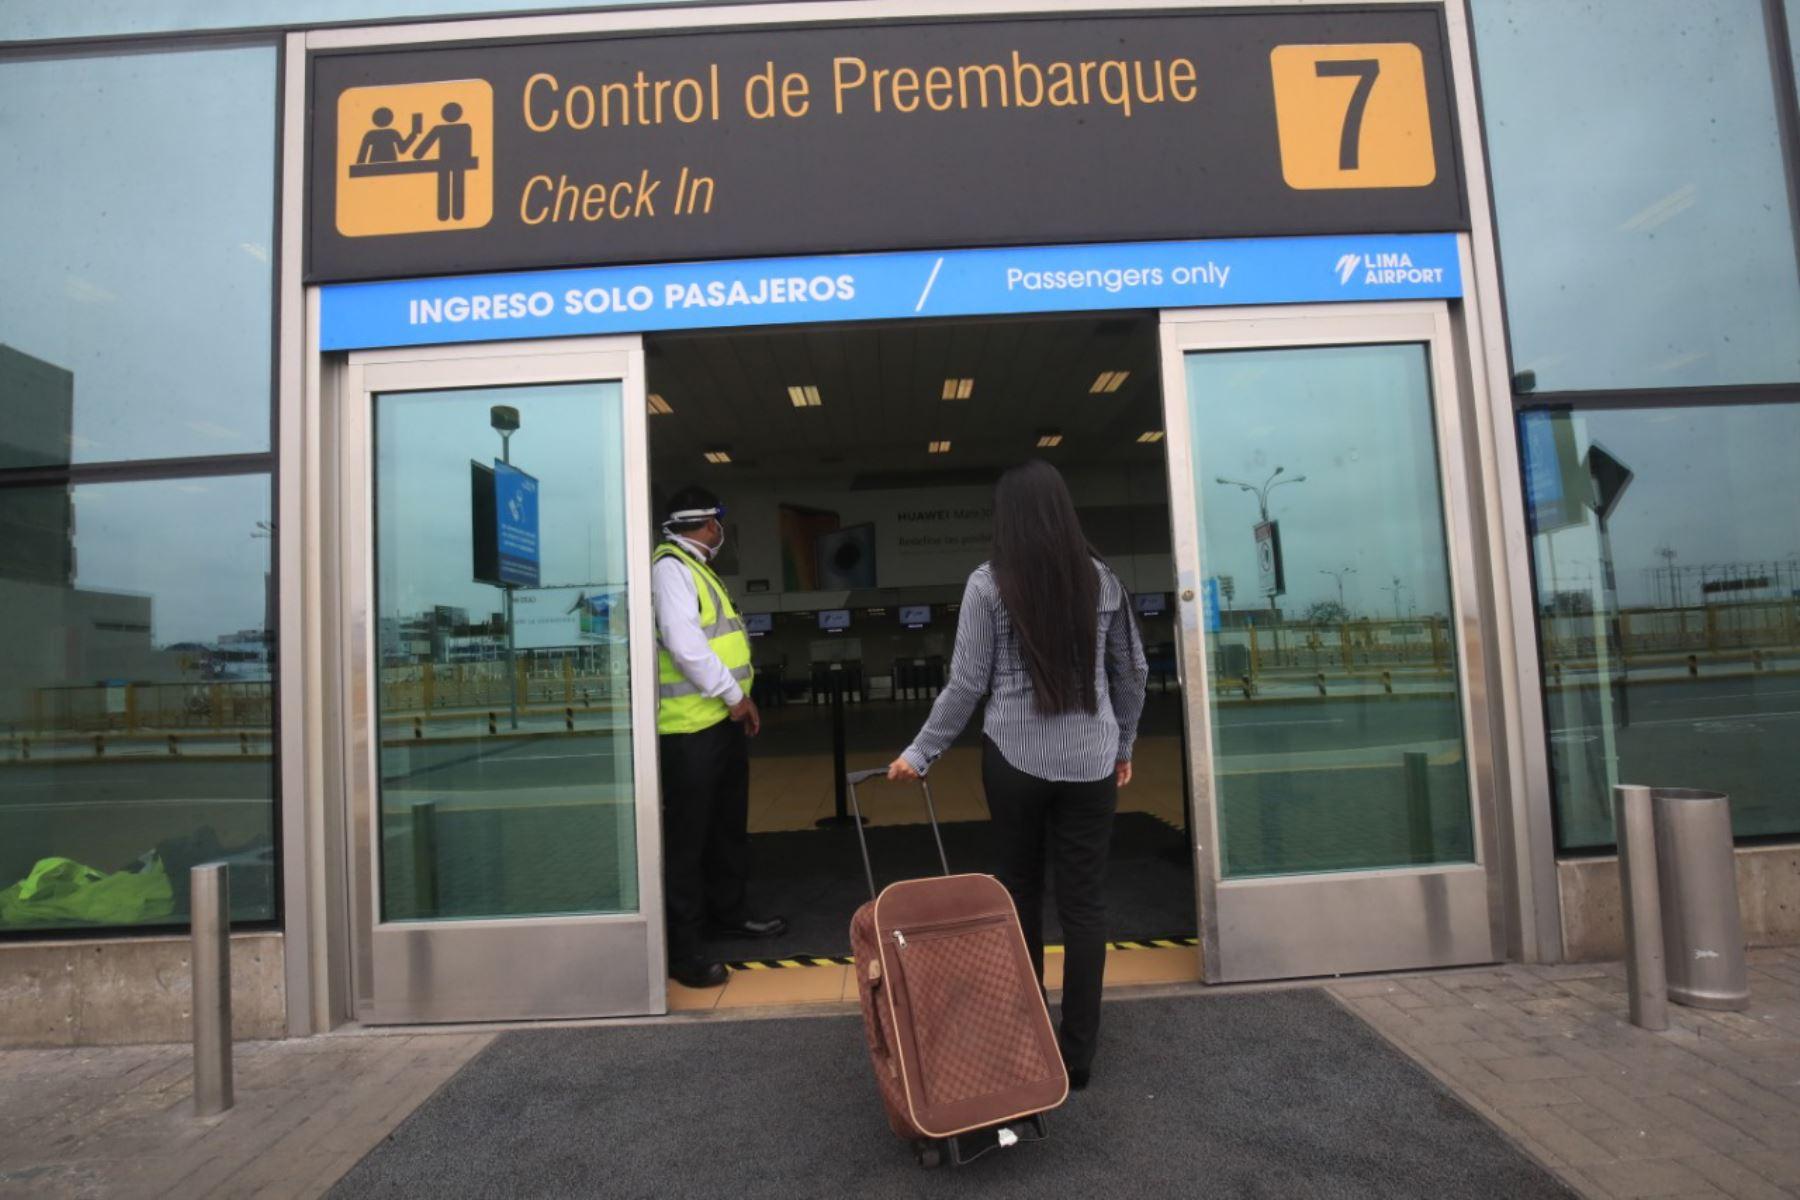 Las personas que viajen dentro del país ya no cumplirán un periodo de cuarentena una vez que se reanuden los vuelos, anunció el Ministerio de Salud. ANDINA/Juan Carlos Guzmán